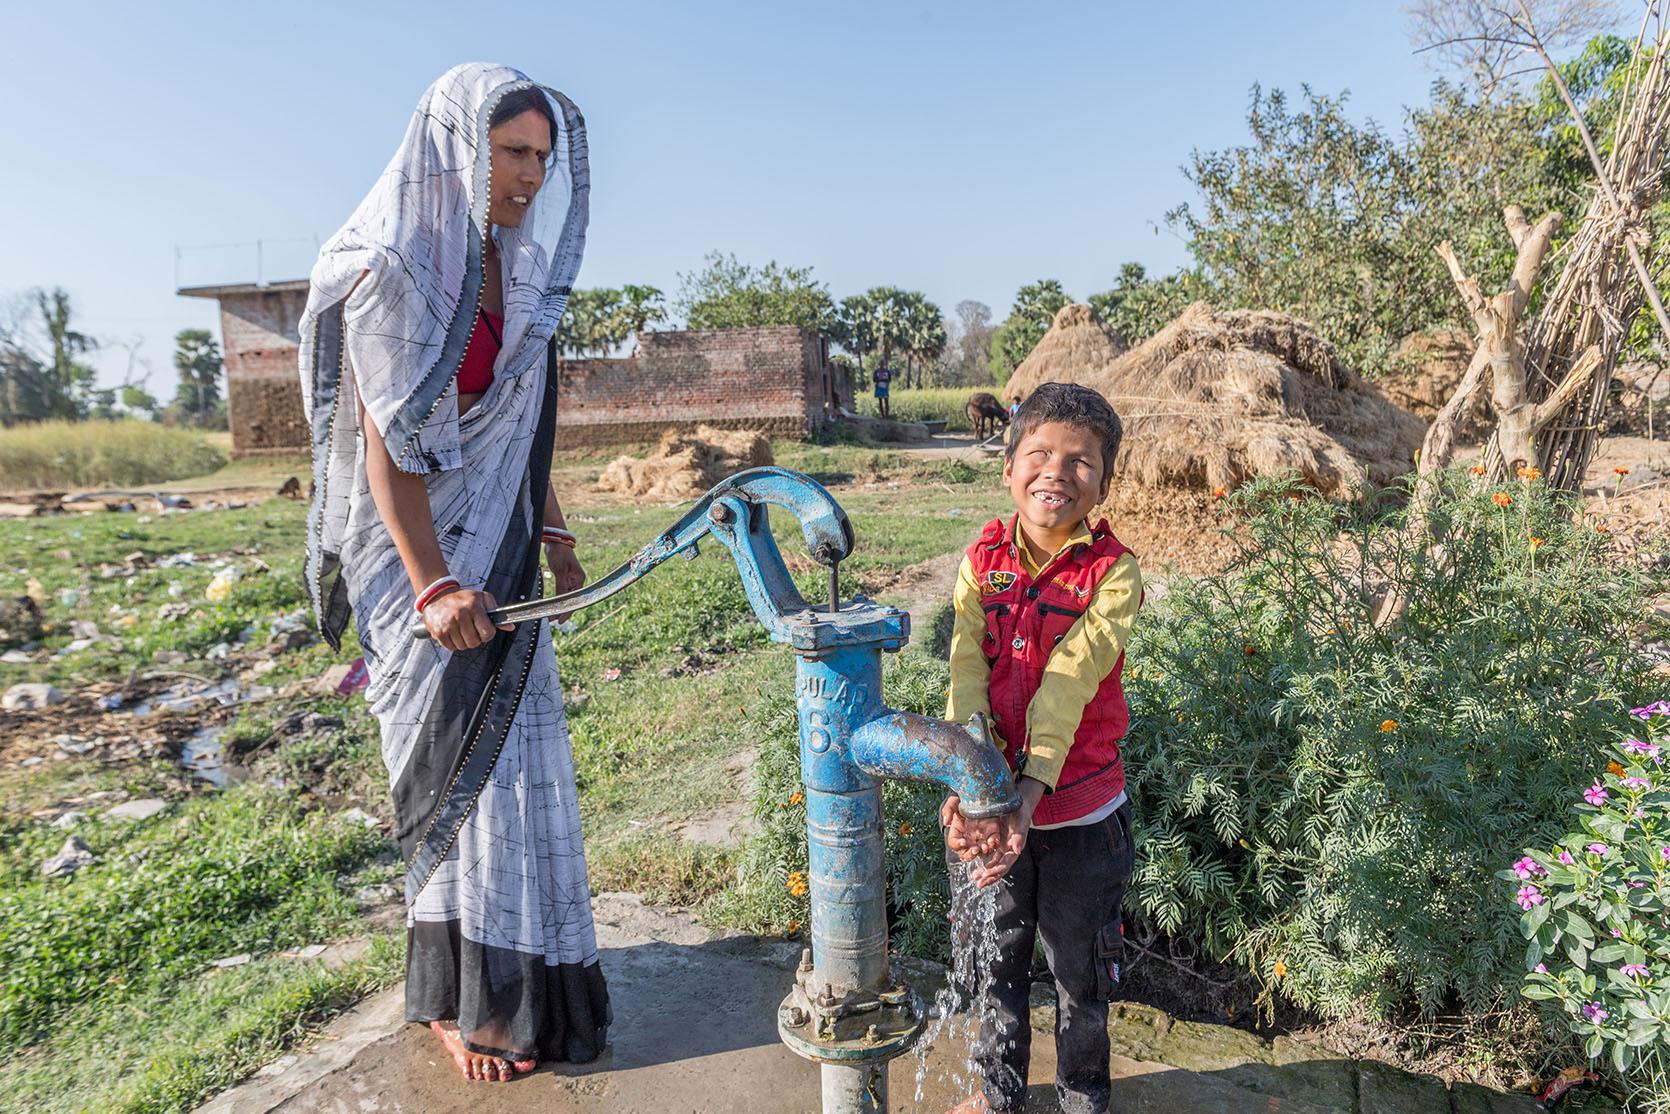 Ein kleiner Junge wäscht sich an einer Pumpe die Hände. Seine Mutter steht daneben und betätigt die Pumpe.